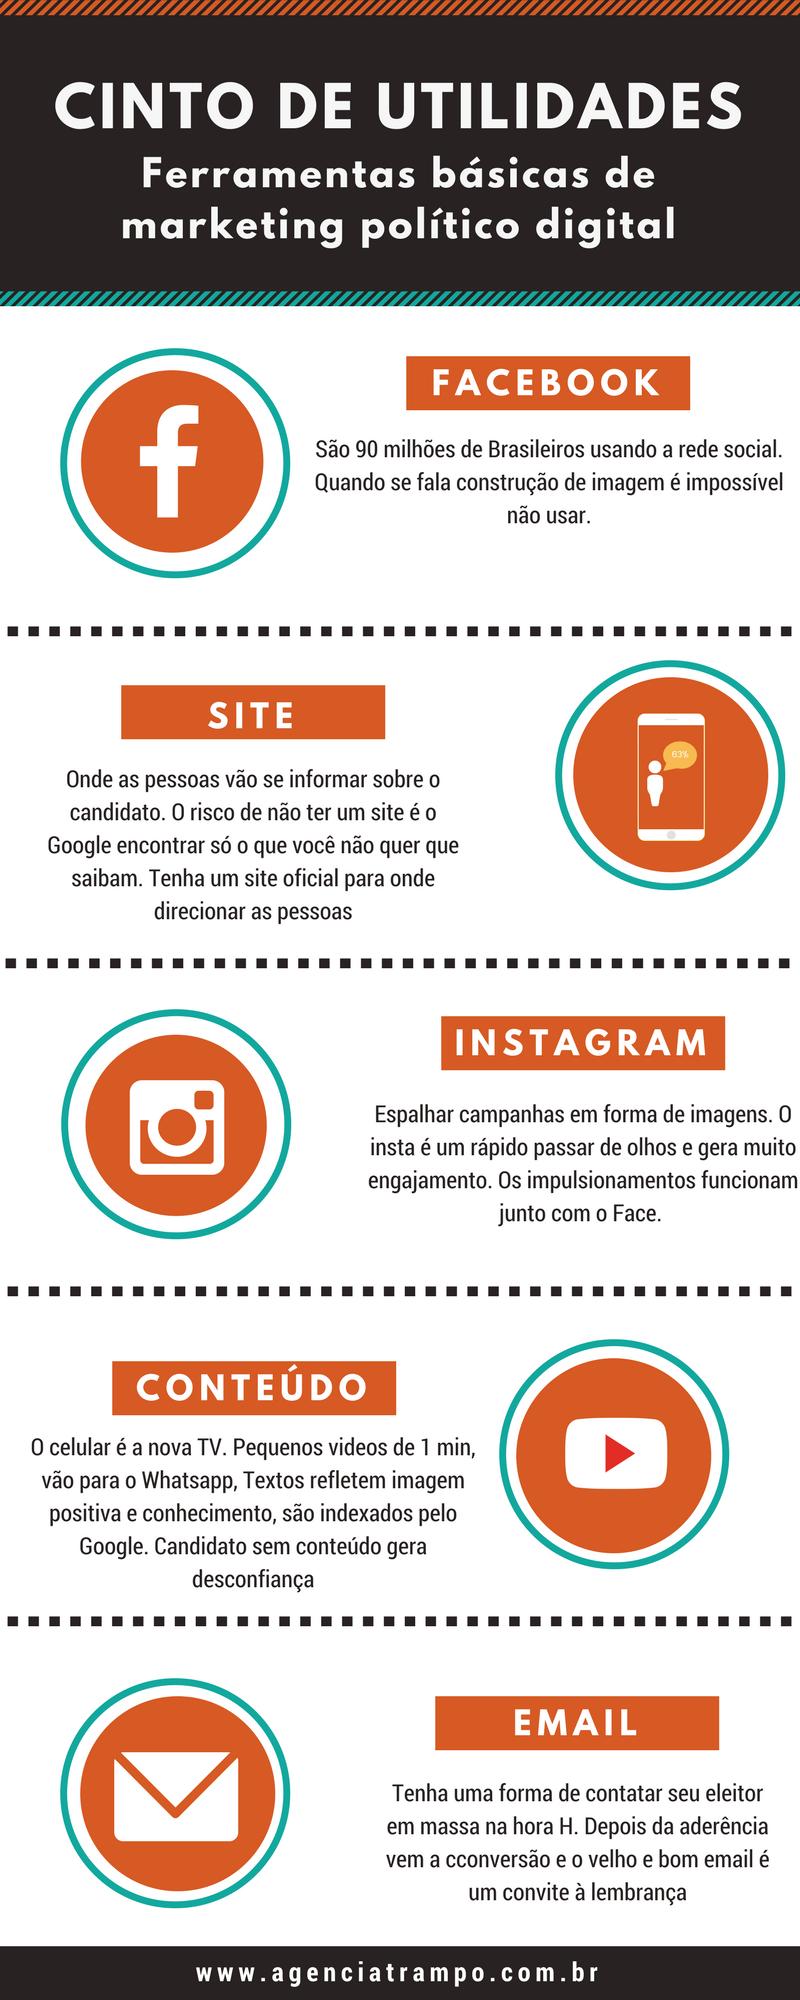 ferramentas básicas de marketing político digital, infográfico